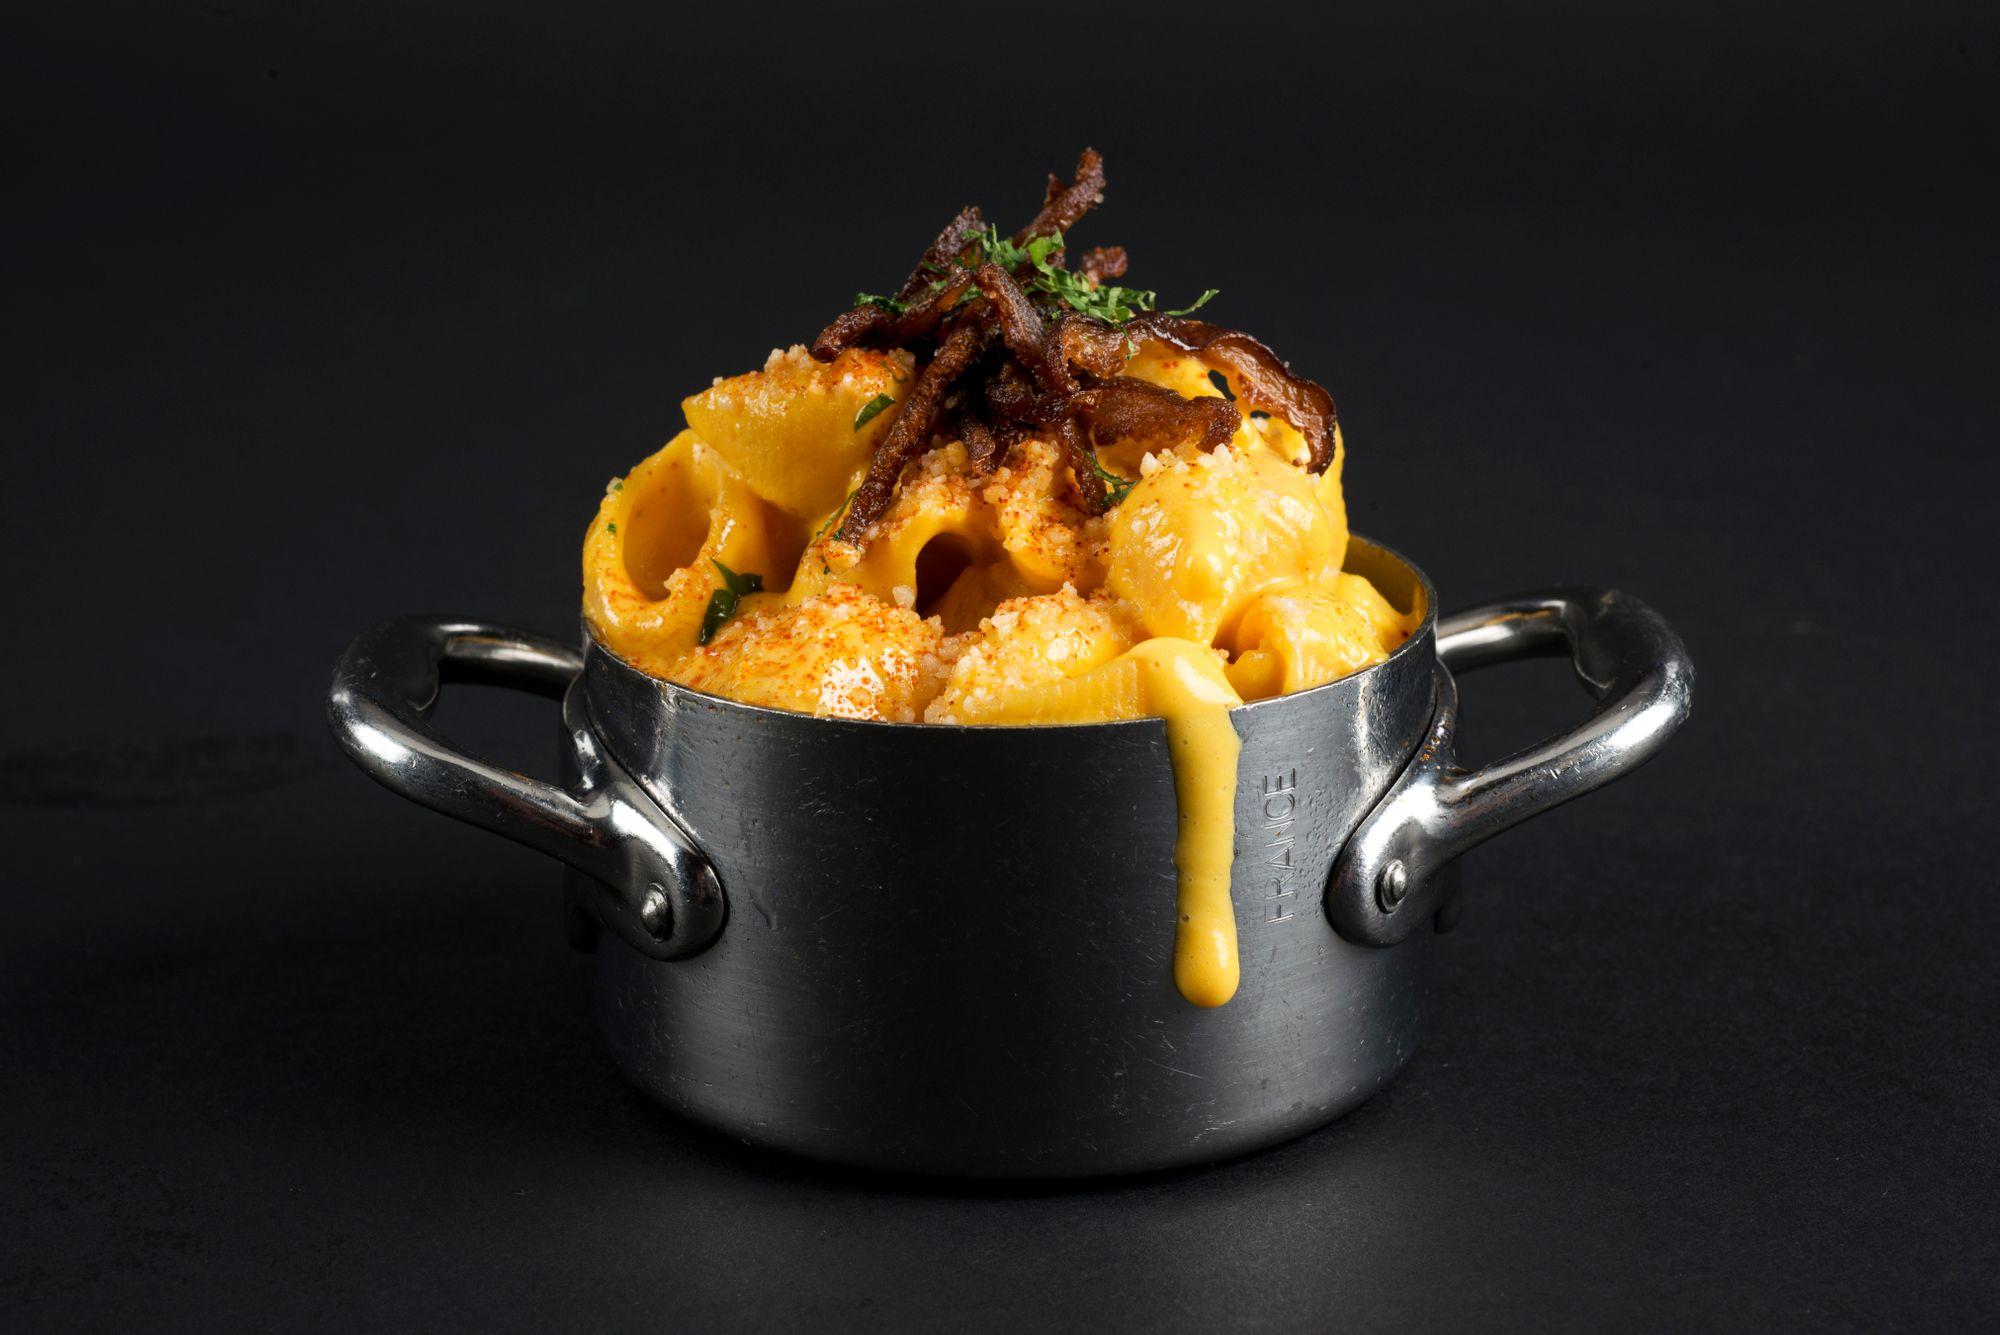 sweet-potato-mac-n-cheese-by-chloe-0506152271v2